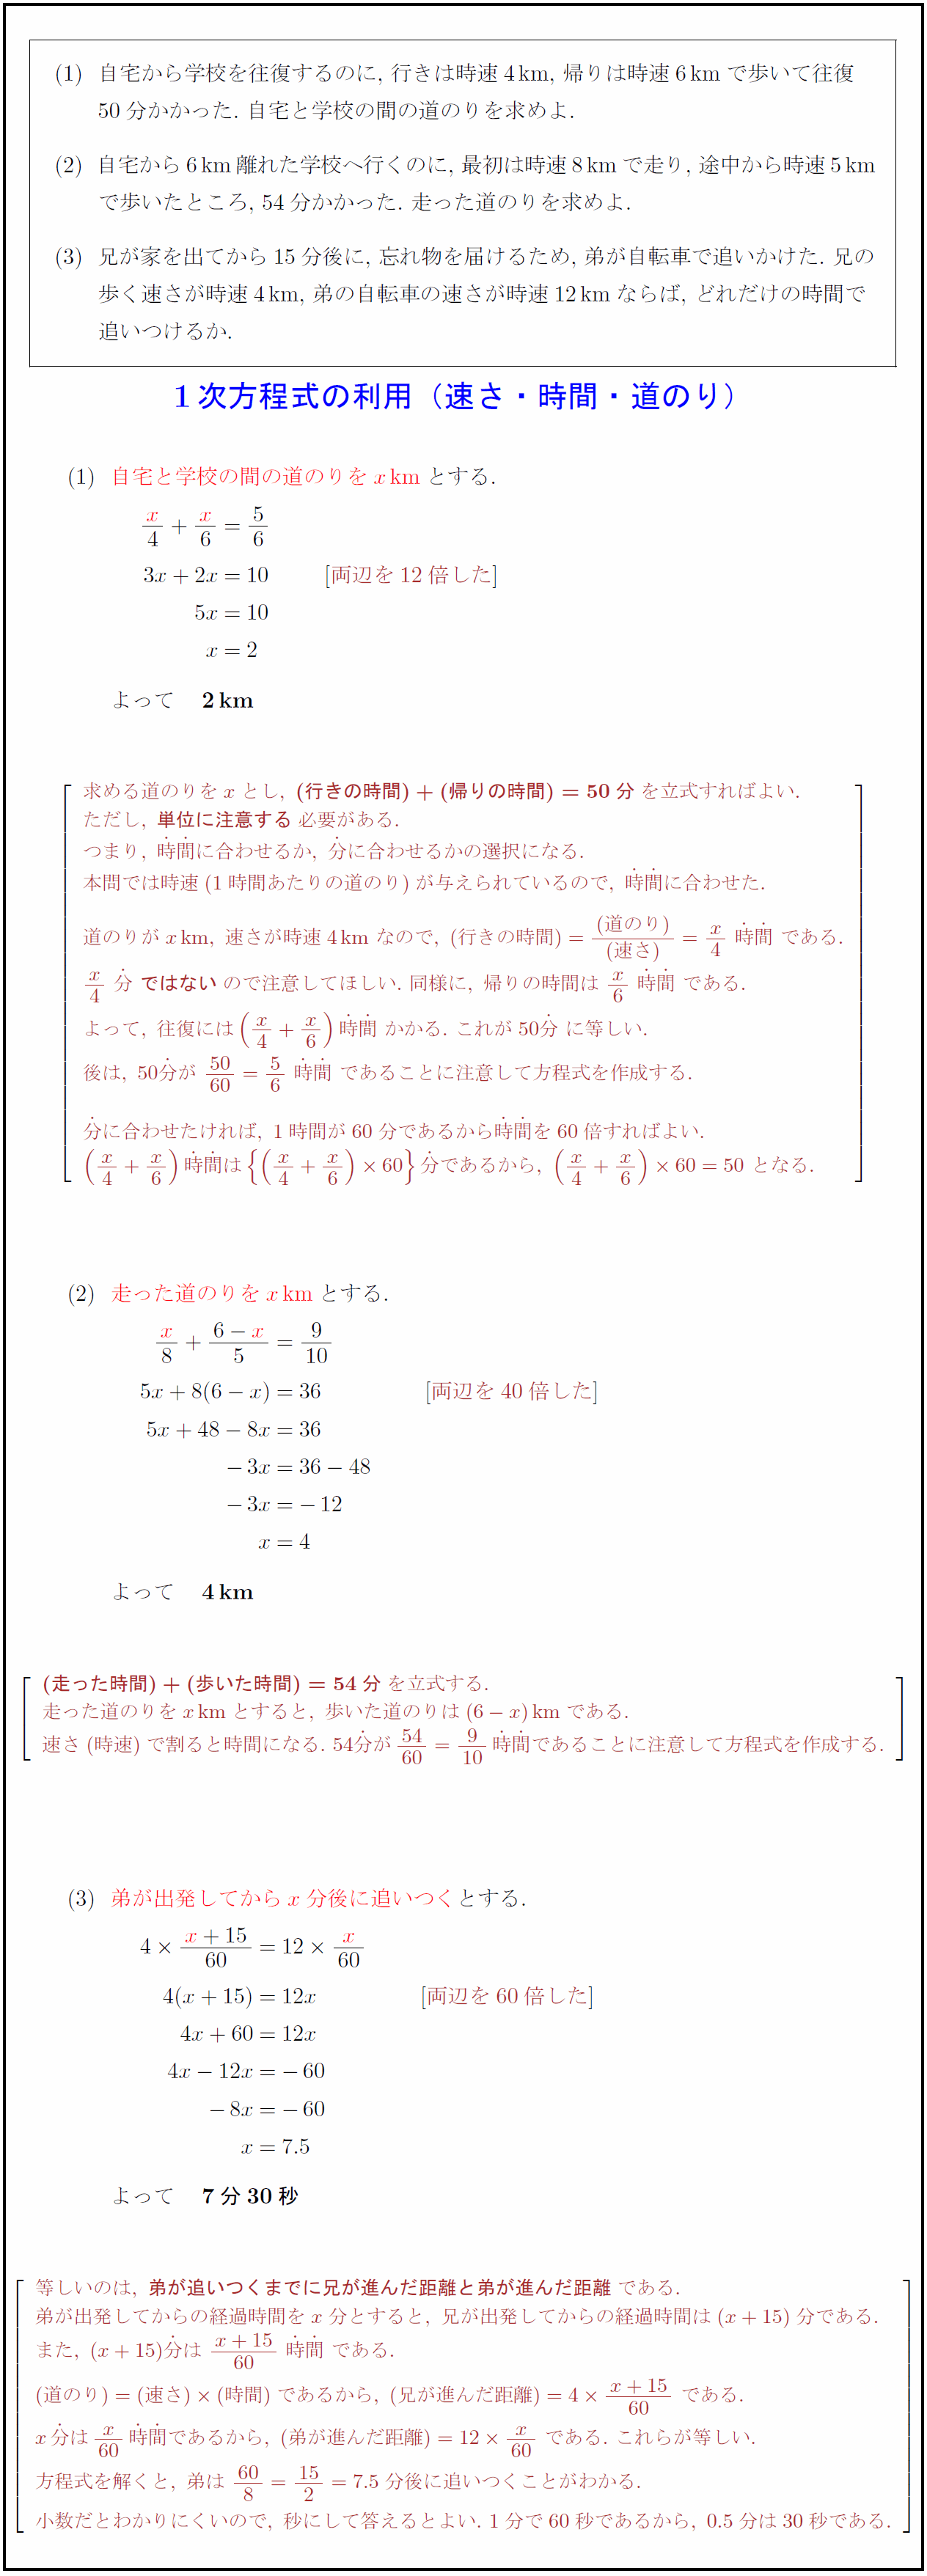 itijihouteisiki-mihaji@2x